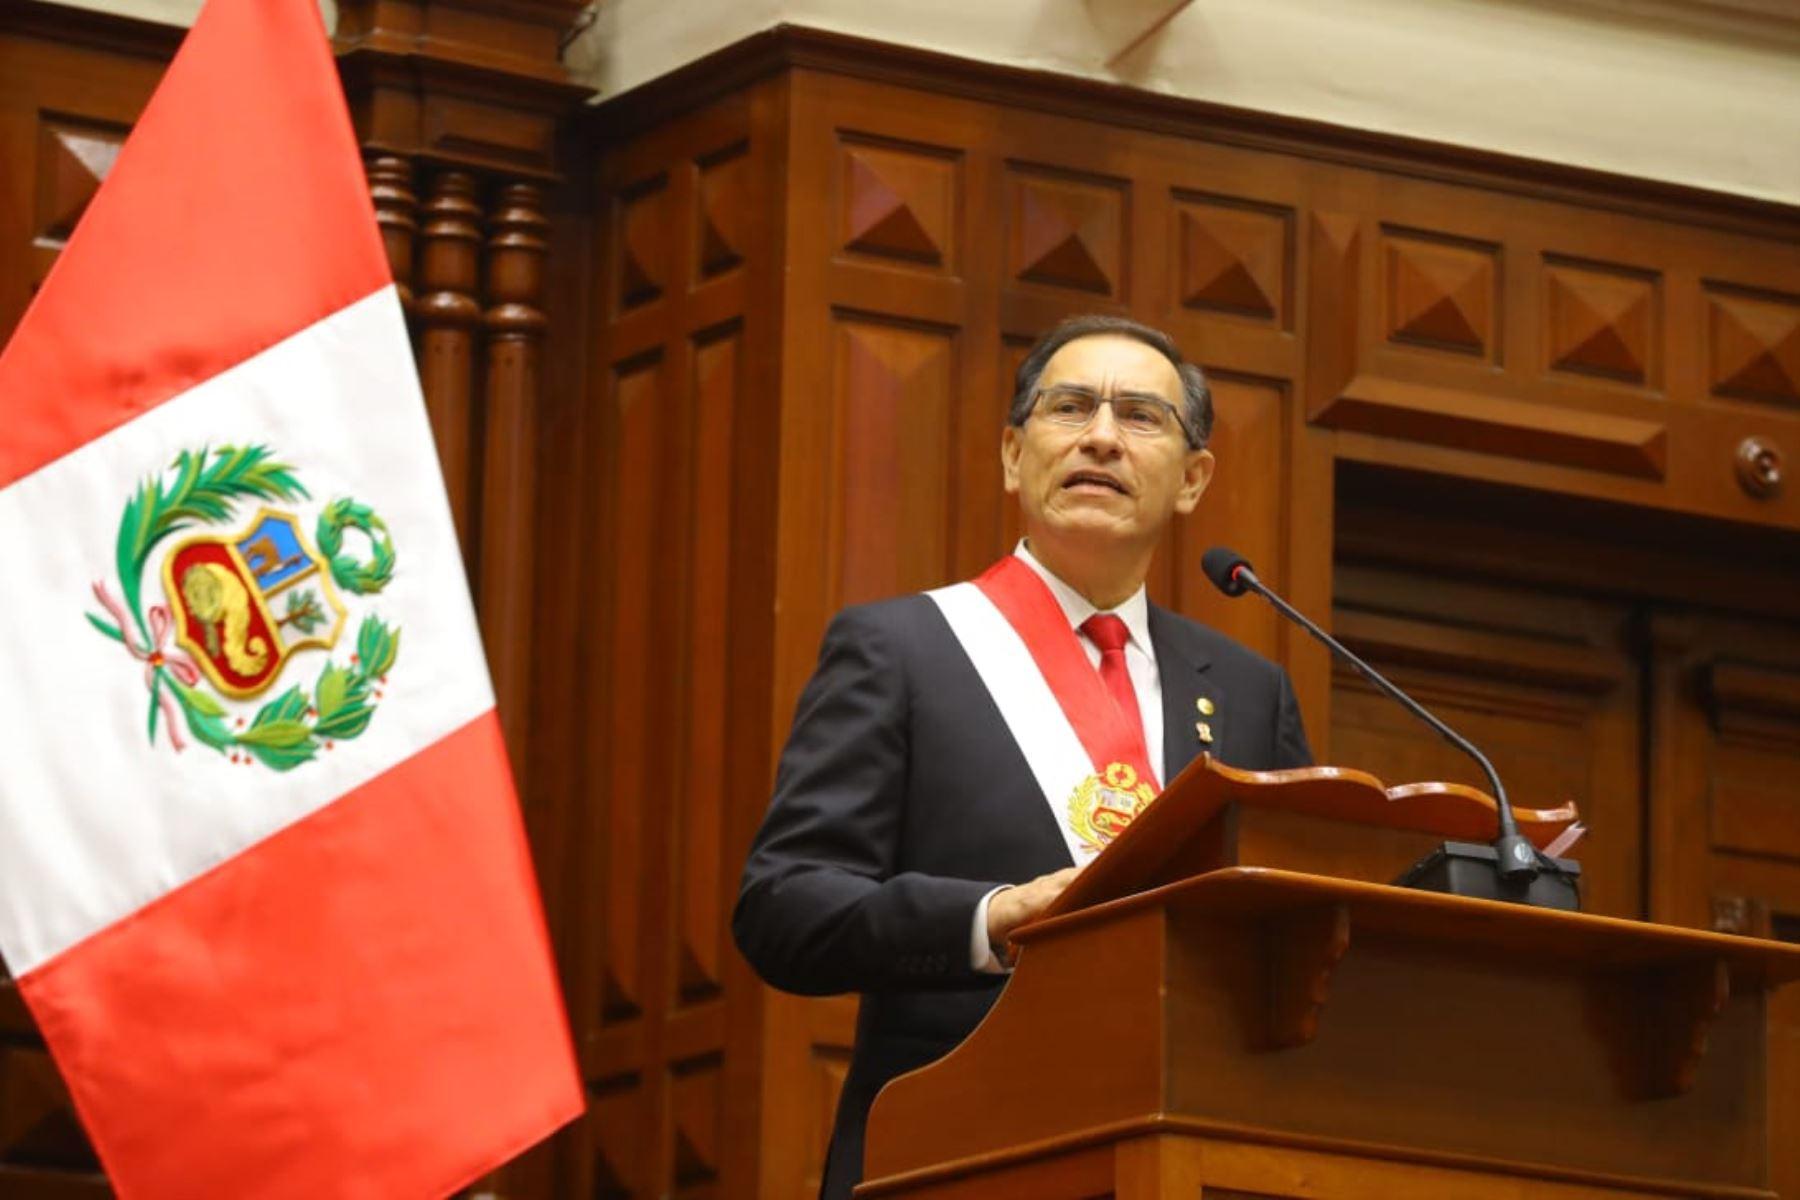 Mensaje a la nación del presidente Martín Vizcarra (Texto íntegro)